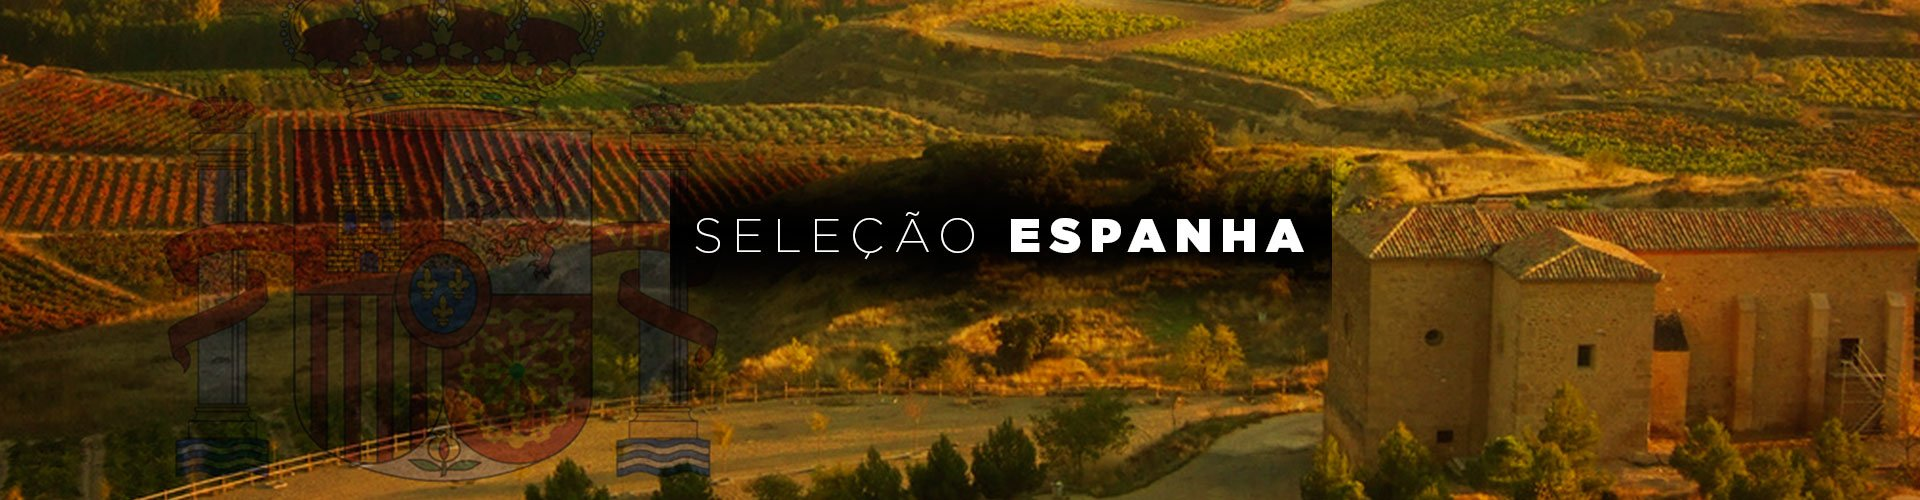 Seleção rótulos Espanha